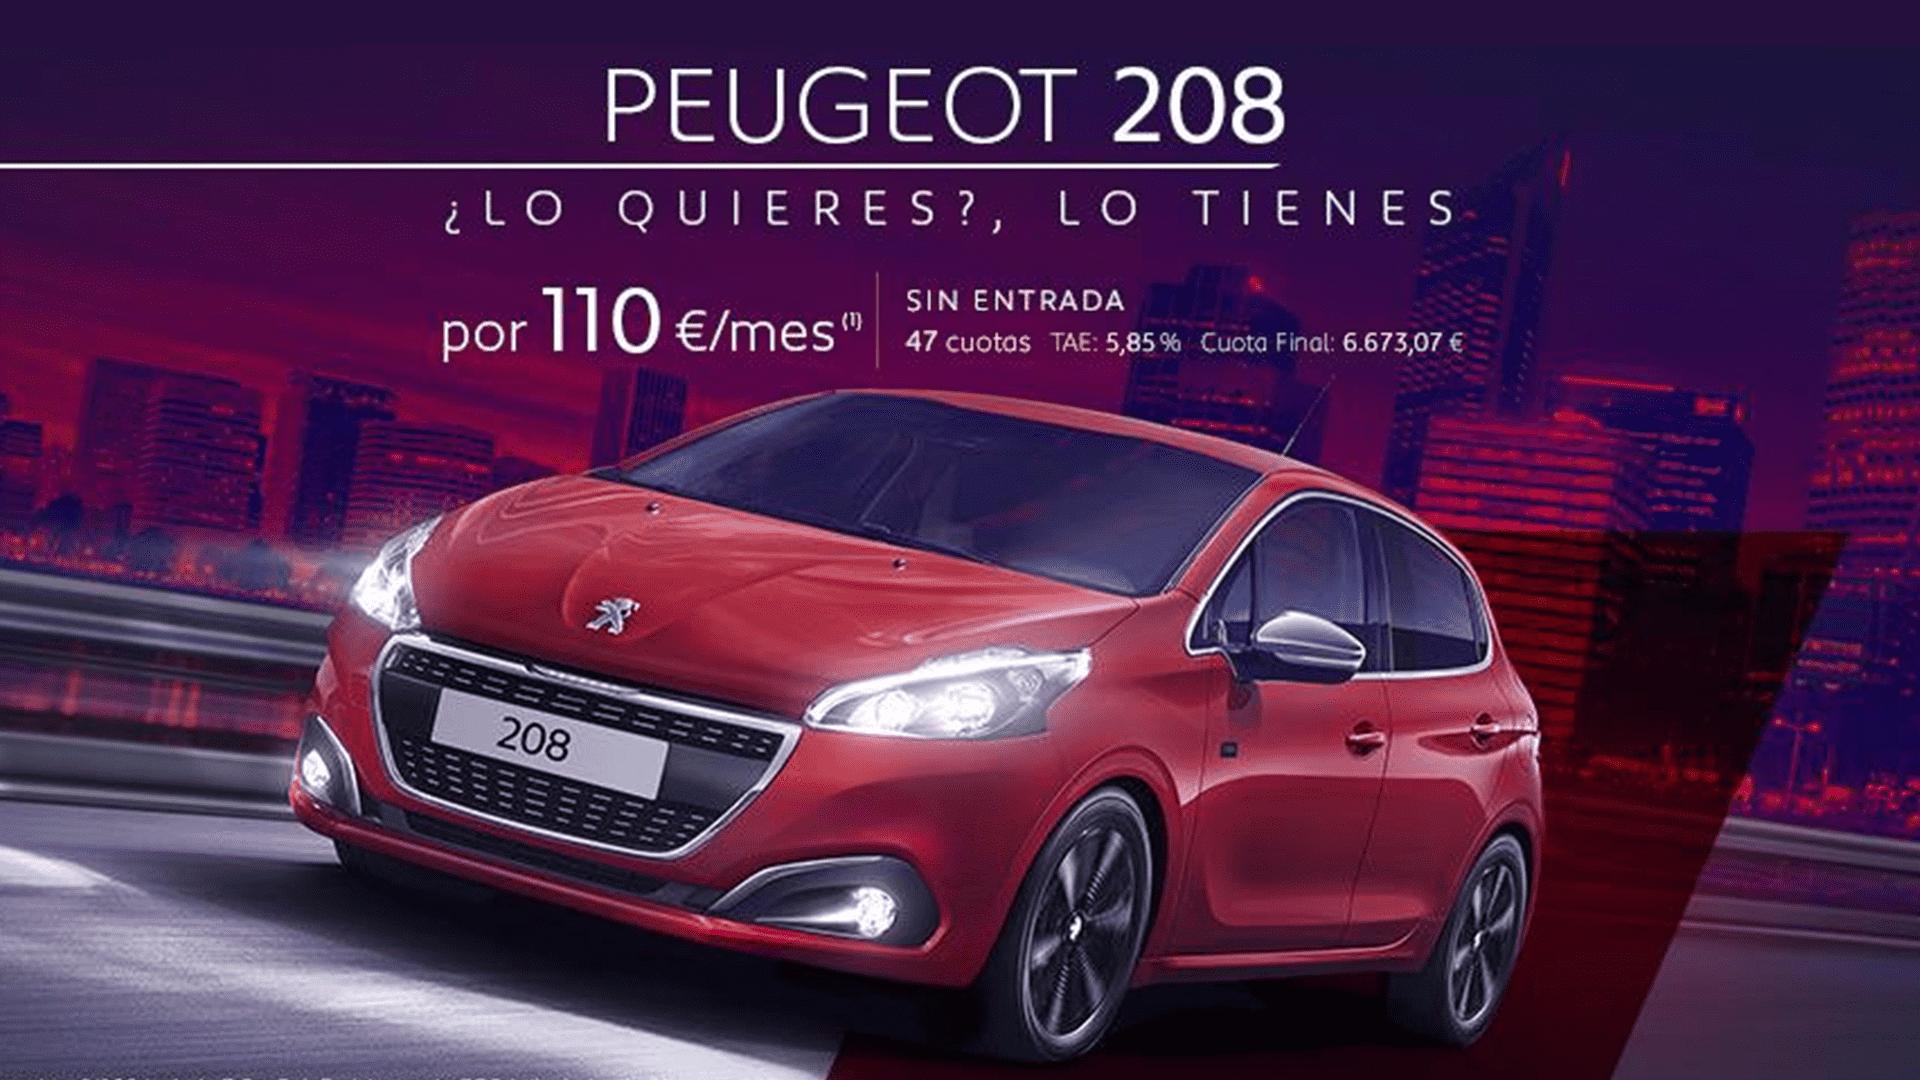 DISFRUTA DE UN PEUGEOT 208 POR SÓLO 110€/MES SIN ENTRADA